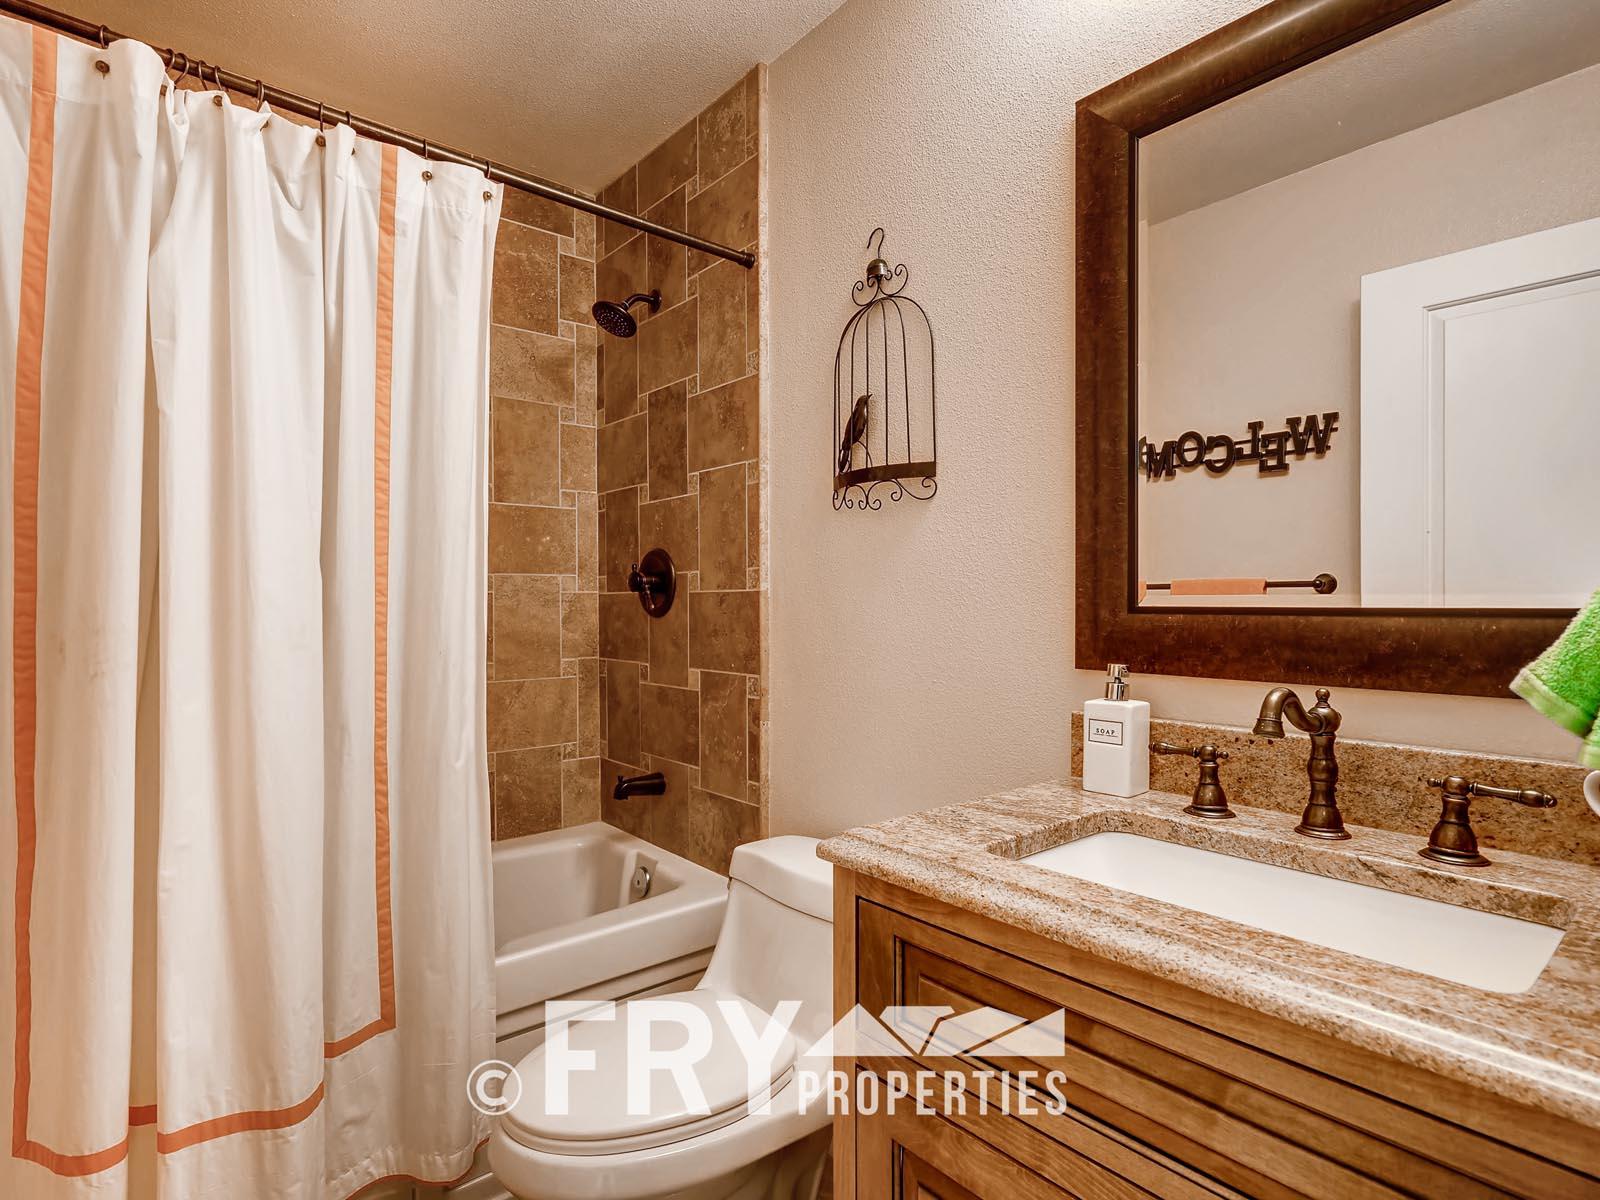 6305 W 6th Ave Unit A6-print-019-1-Bathroom-3600x2400-300dpi